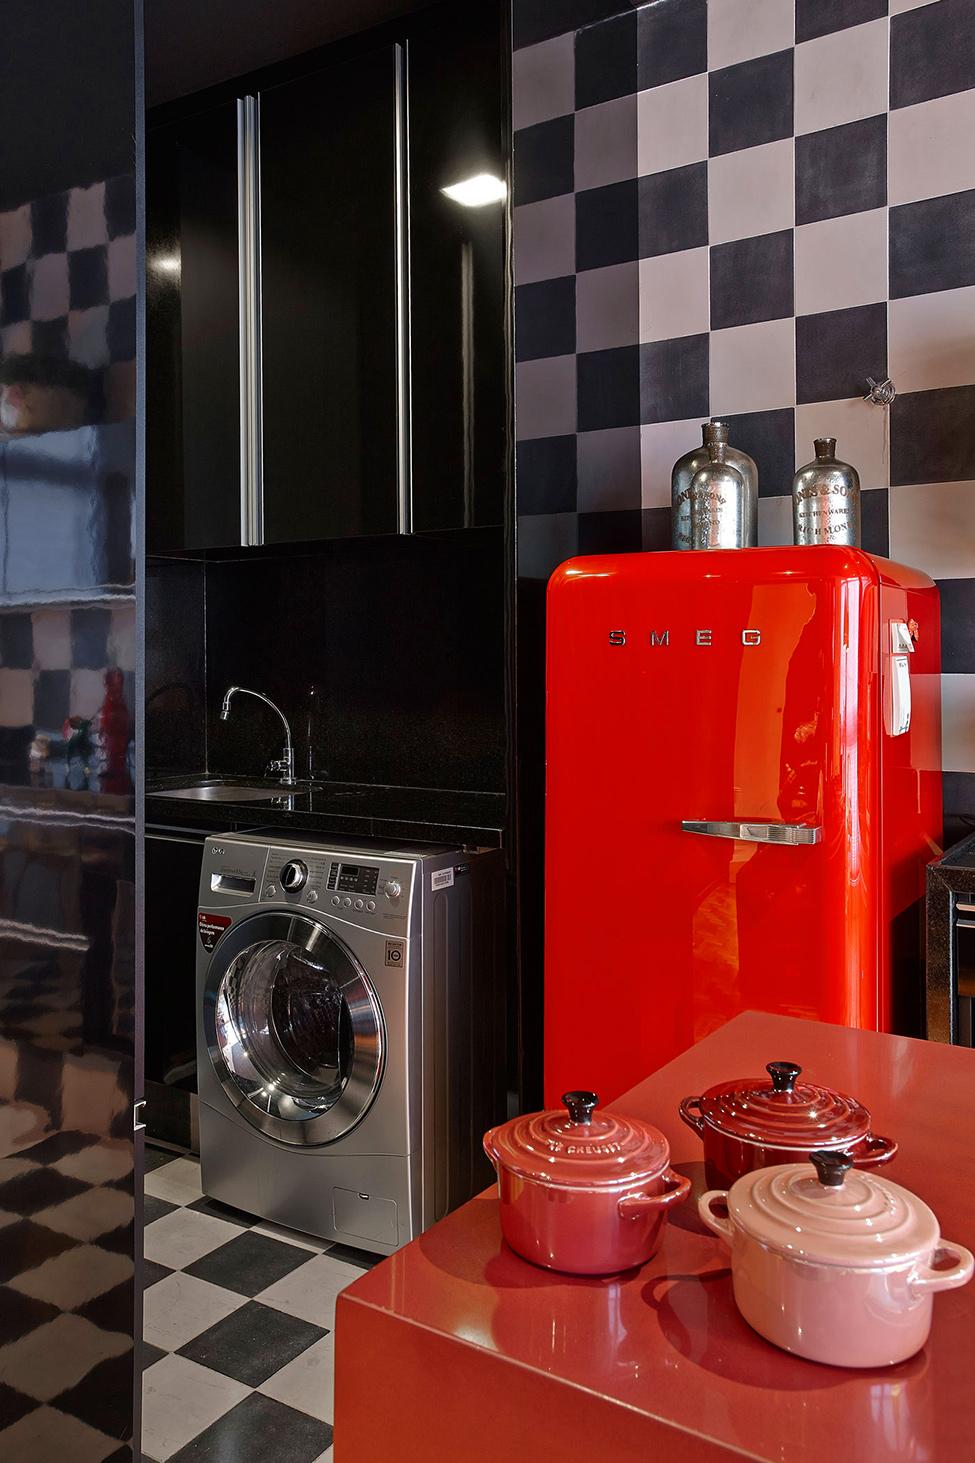 apartament-v-braziliq-pokazva-neveroqten-miks-ot-tsvetove-i-teksturi-8g